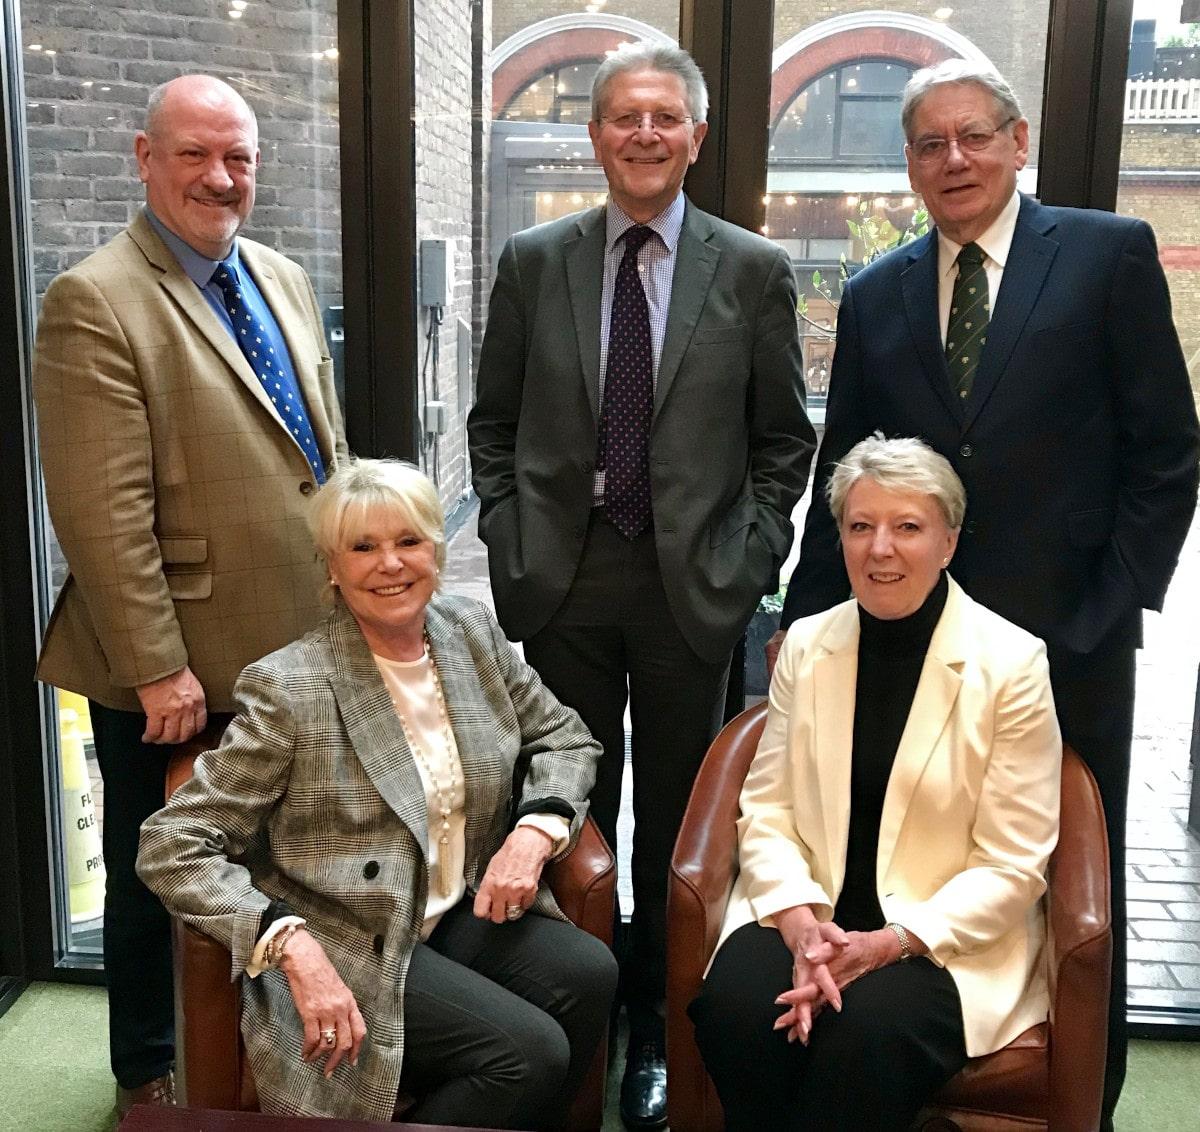 The Police Memorial Trust Trustees